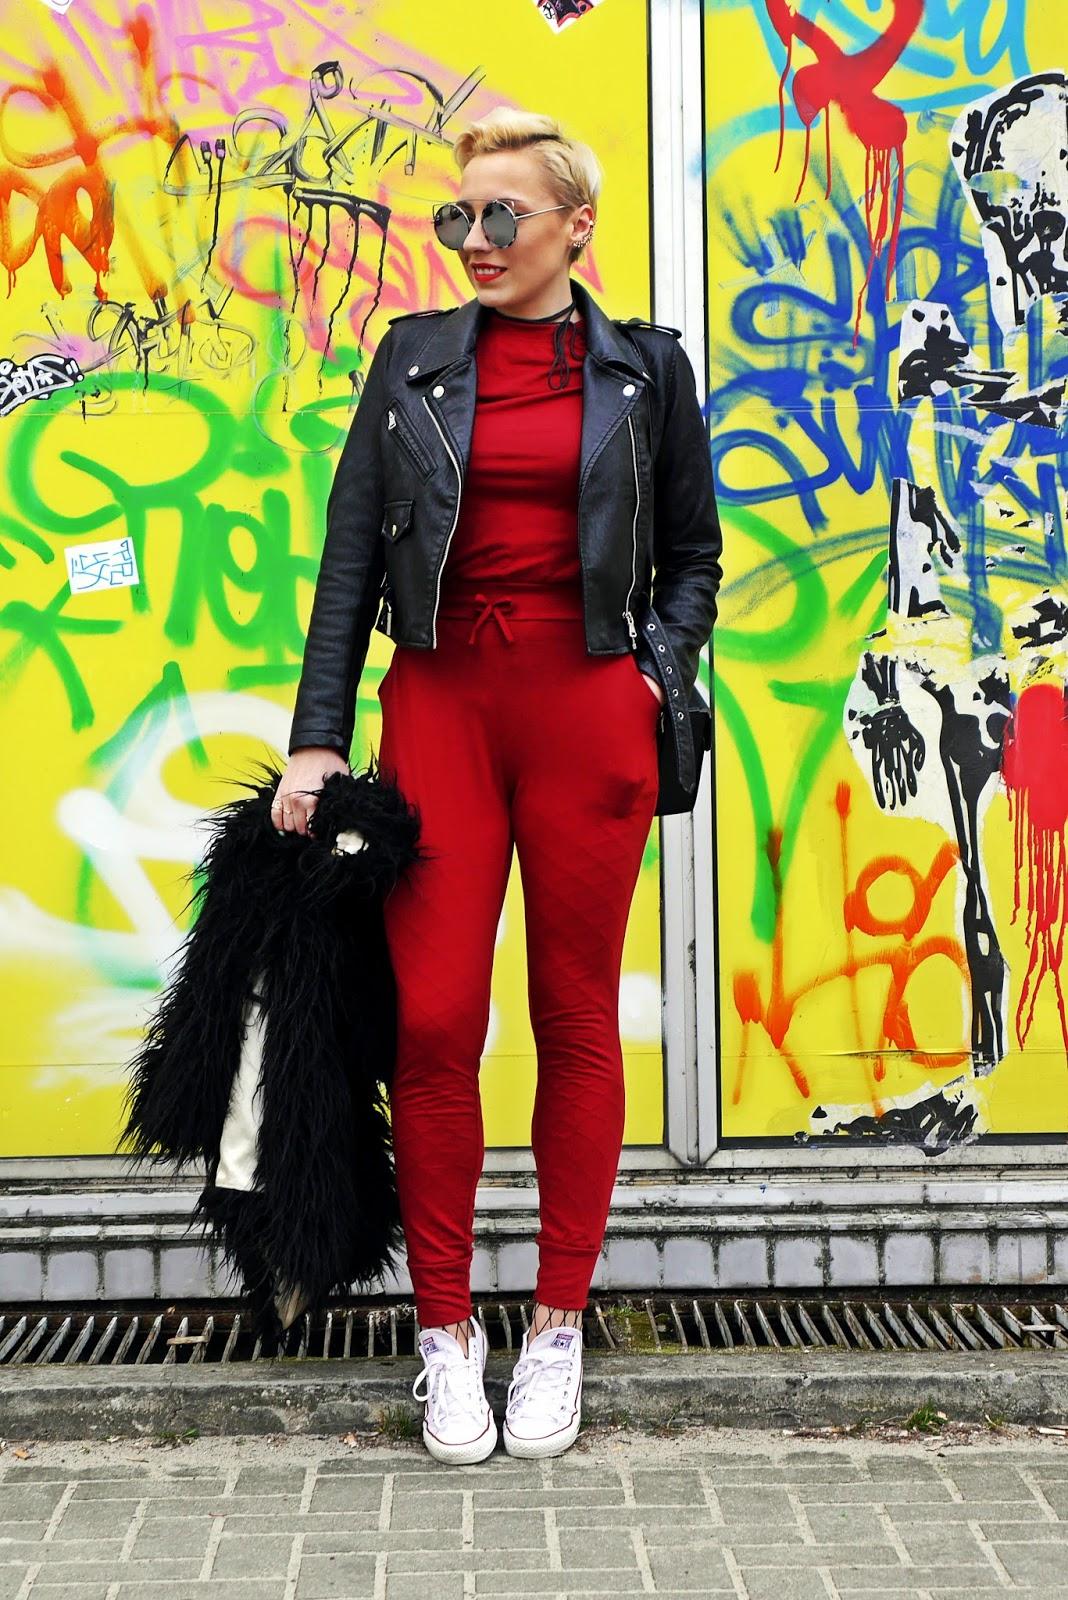 burgundy_jampsuit_black_biker_jacket_ootd_look_karyn_blog_280317